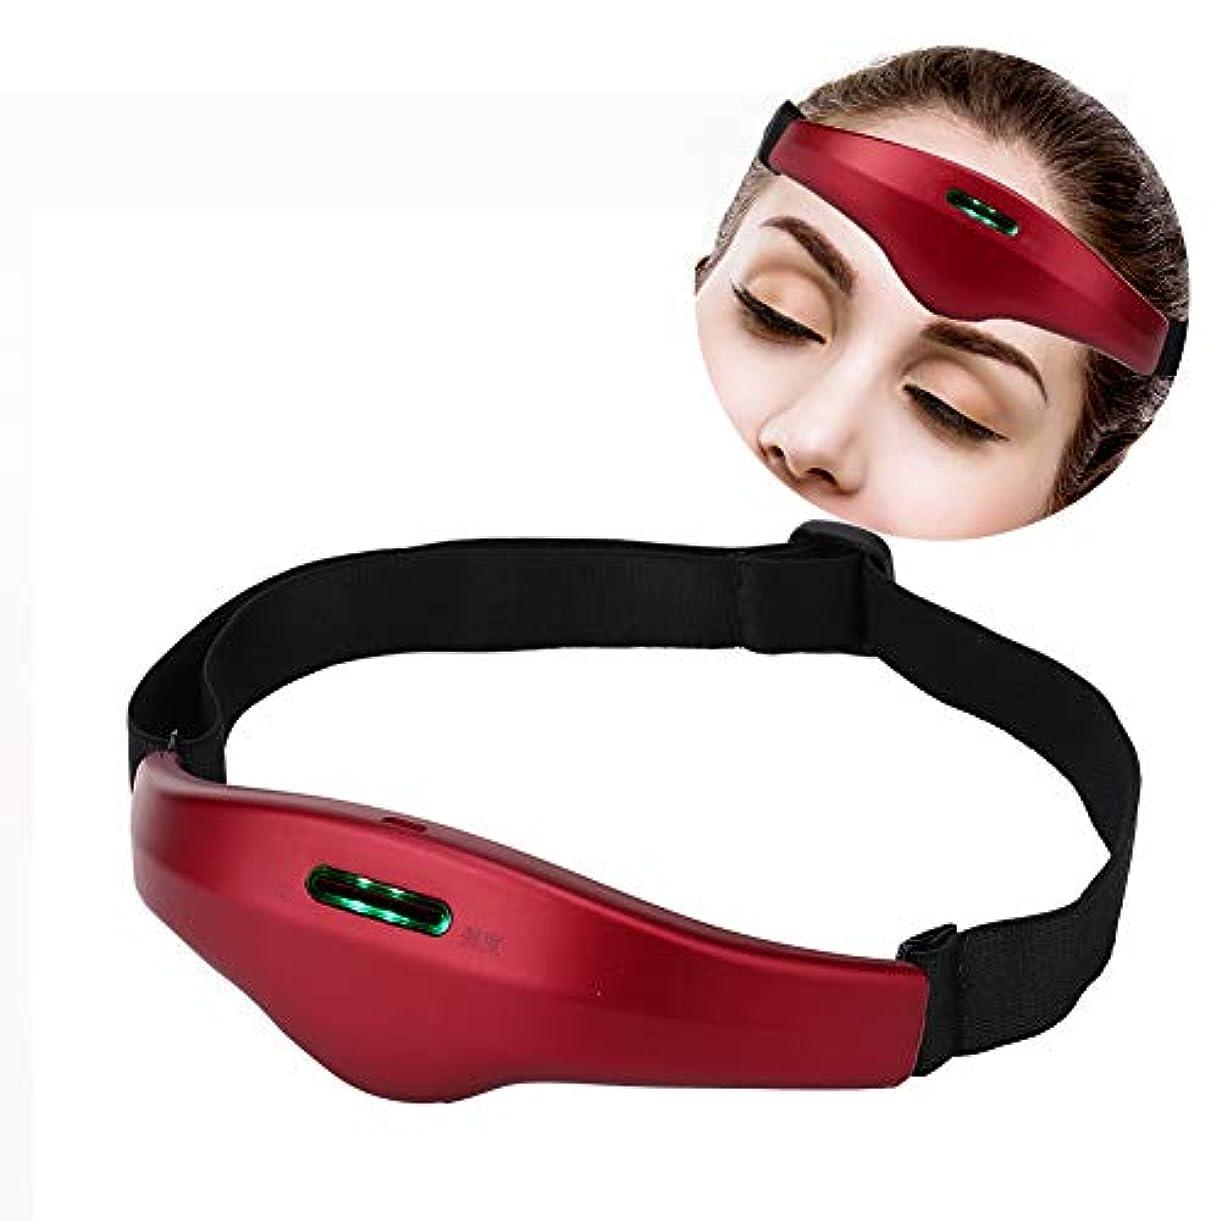 デッキ服を洗うシリーズ電気ヘッドマッサージャー、ストレス解消のためのコントロールネックマッサージャーとより良い睡眠の声インテリジェント睡眠マッサージ装置(Vermilion Red)